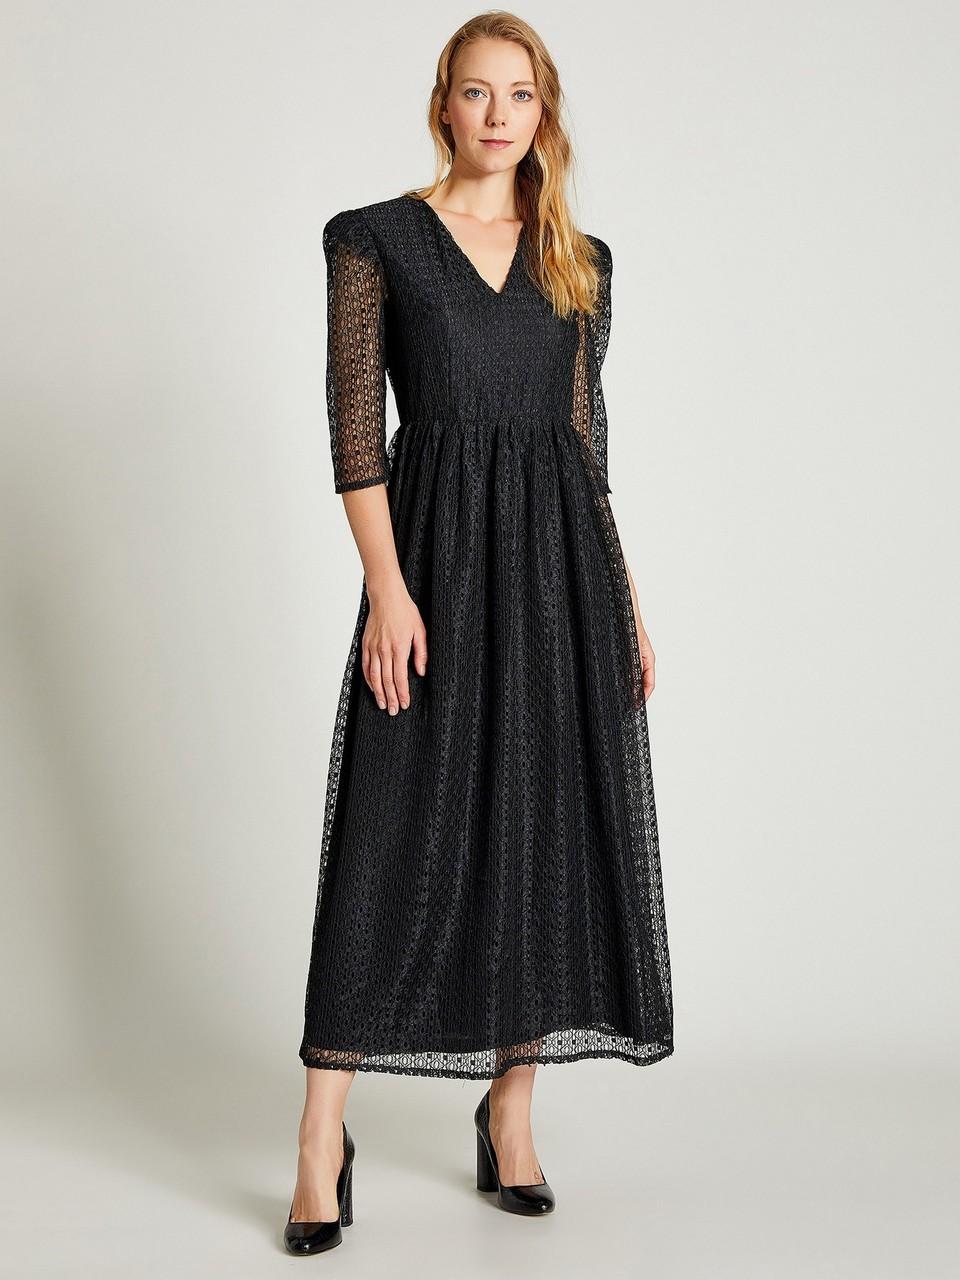 Gathered Waist Lace Dress